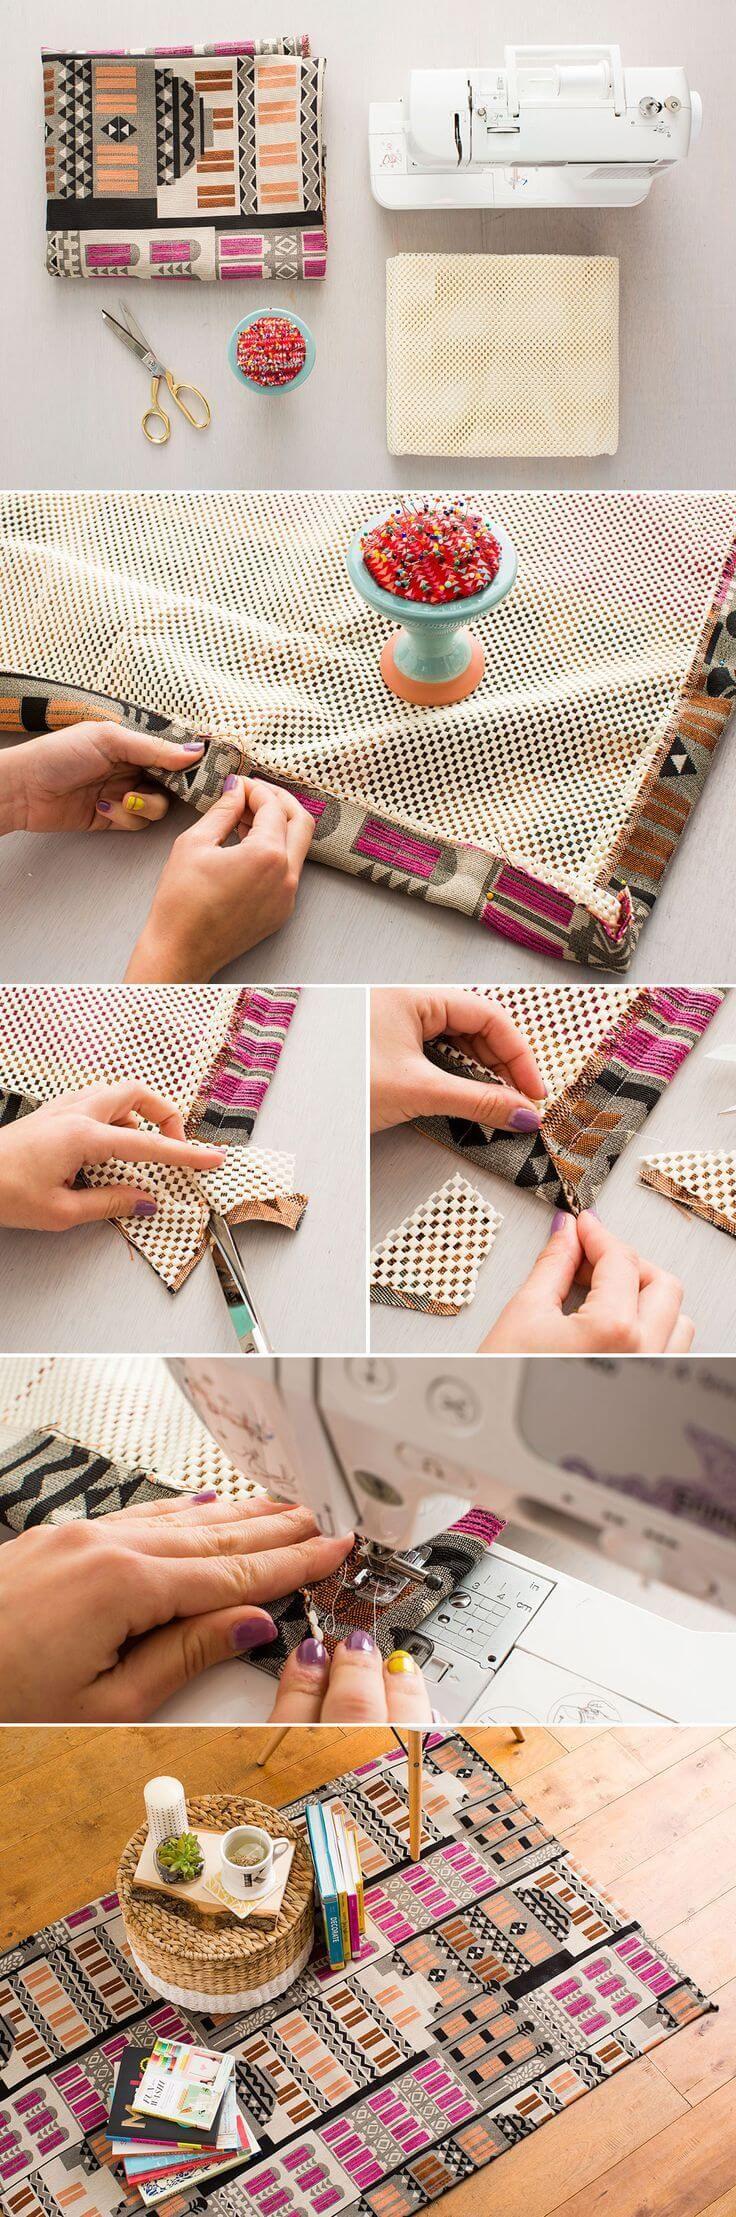 38 Trendy DIY Teppich Ideen für Innenausstattung auf einem Budget #budget #ei…